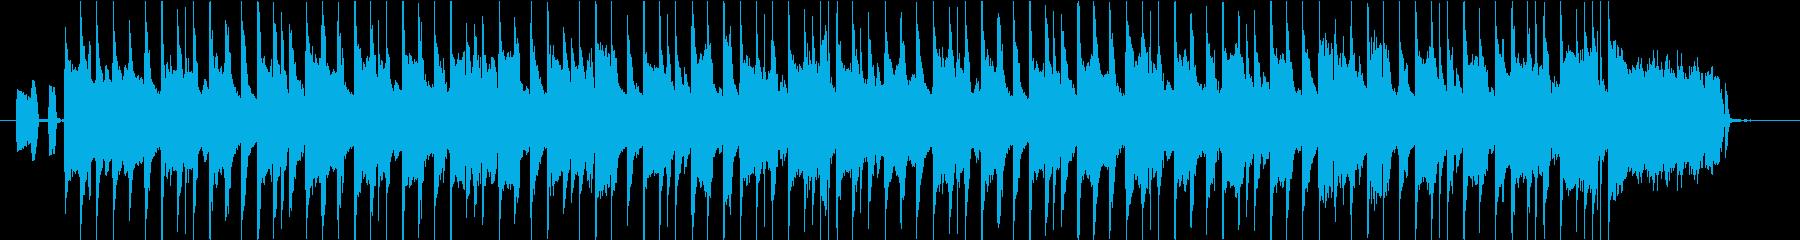 ウキウキするような3拍子アコーディオンの再生済みの波形